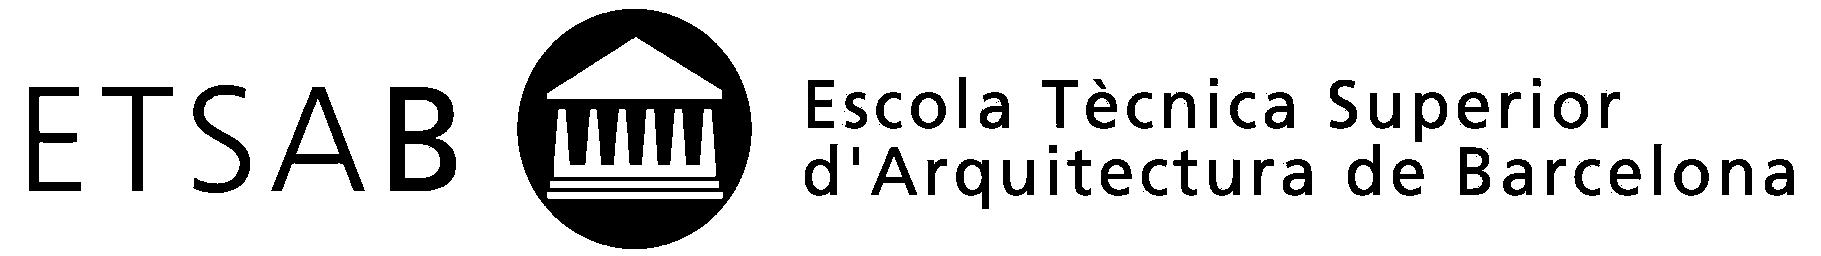 Escola Tècnica Superior d'Arquitectura de Barcelona. ETSAB